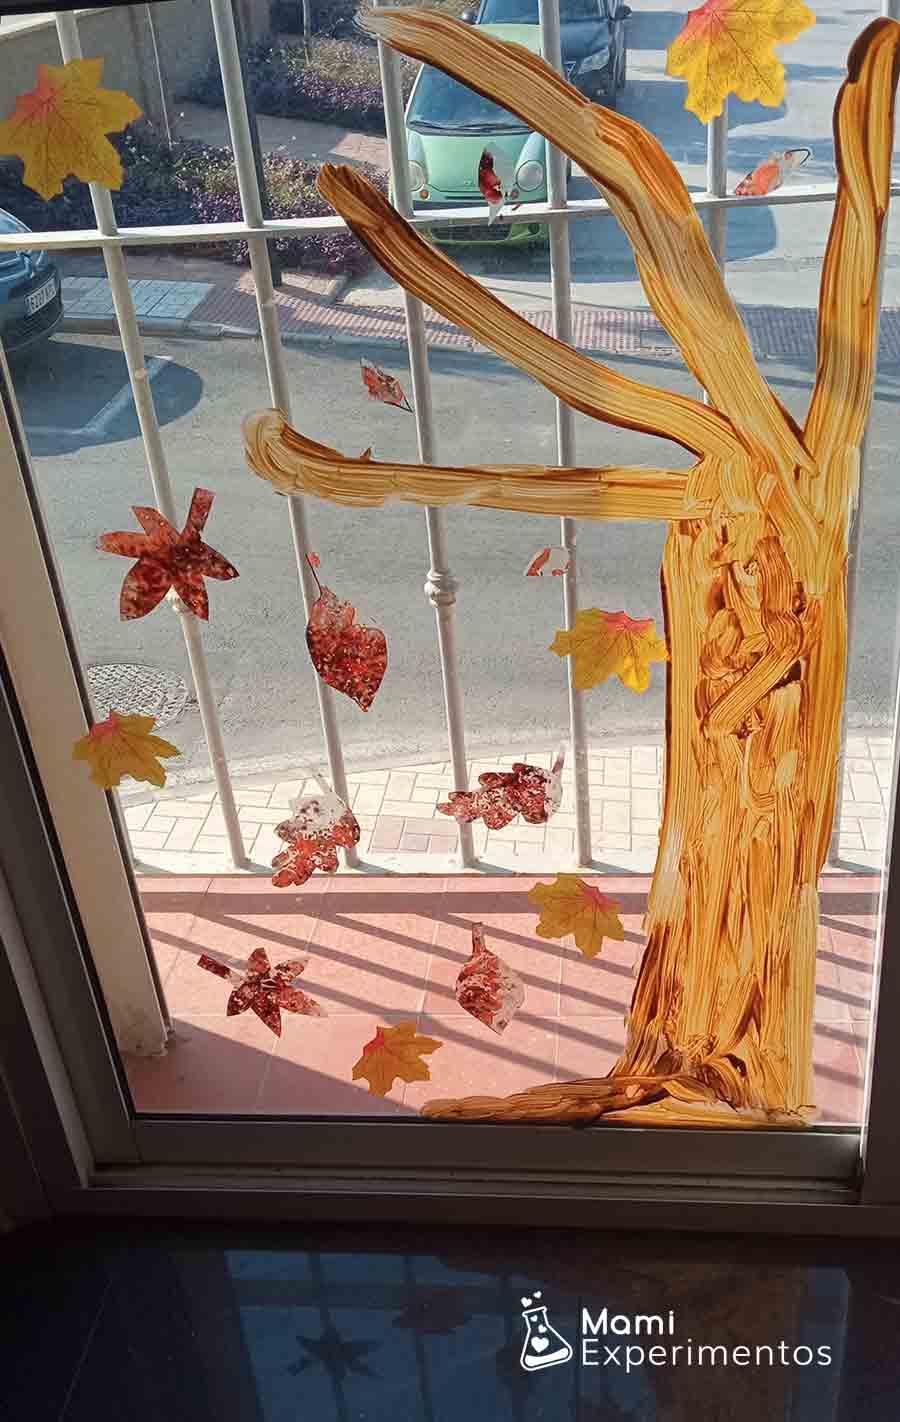 Resultado actividad sensorial de las hojas de otoño hechas con ceras de colores derretidas en forro de plástico adornando ventanal